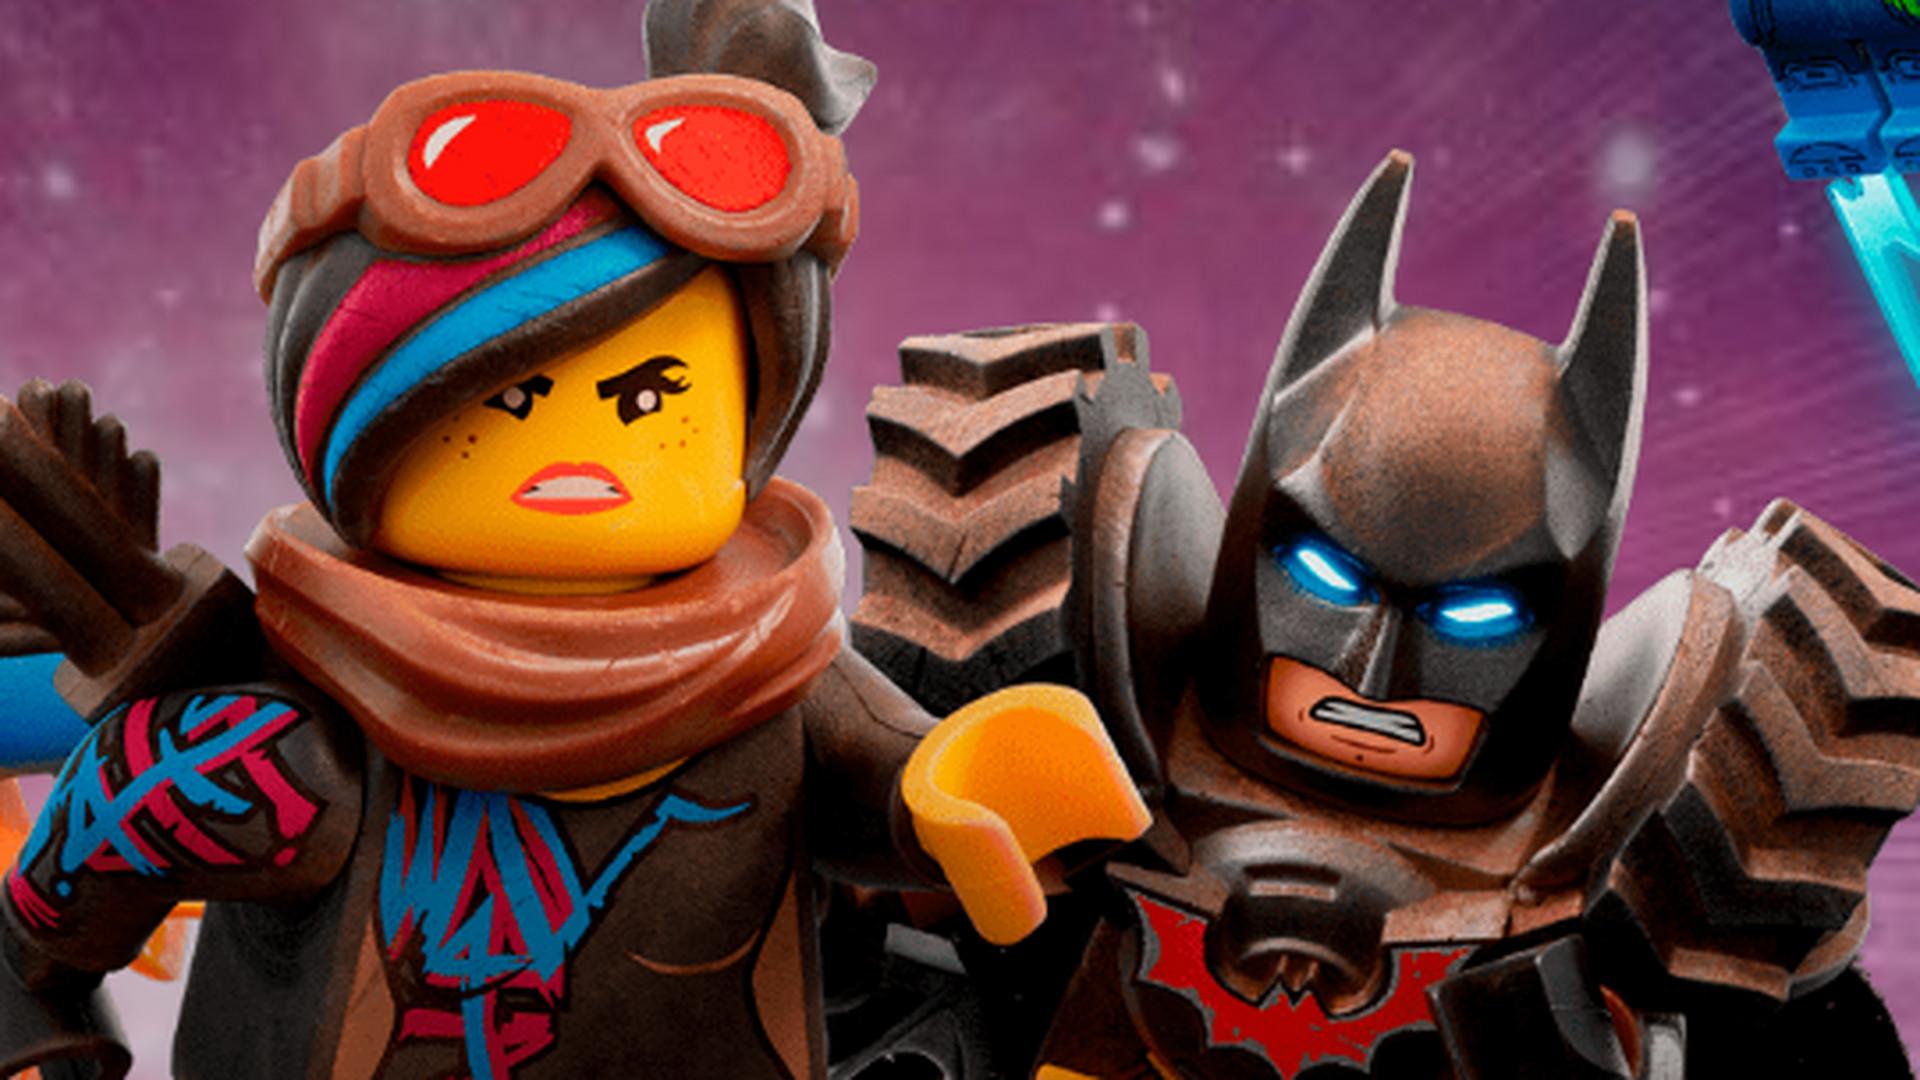 Lego Przygoda 2 Zestawy Klocków Razem Z Premierą Filmu Noizz